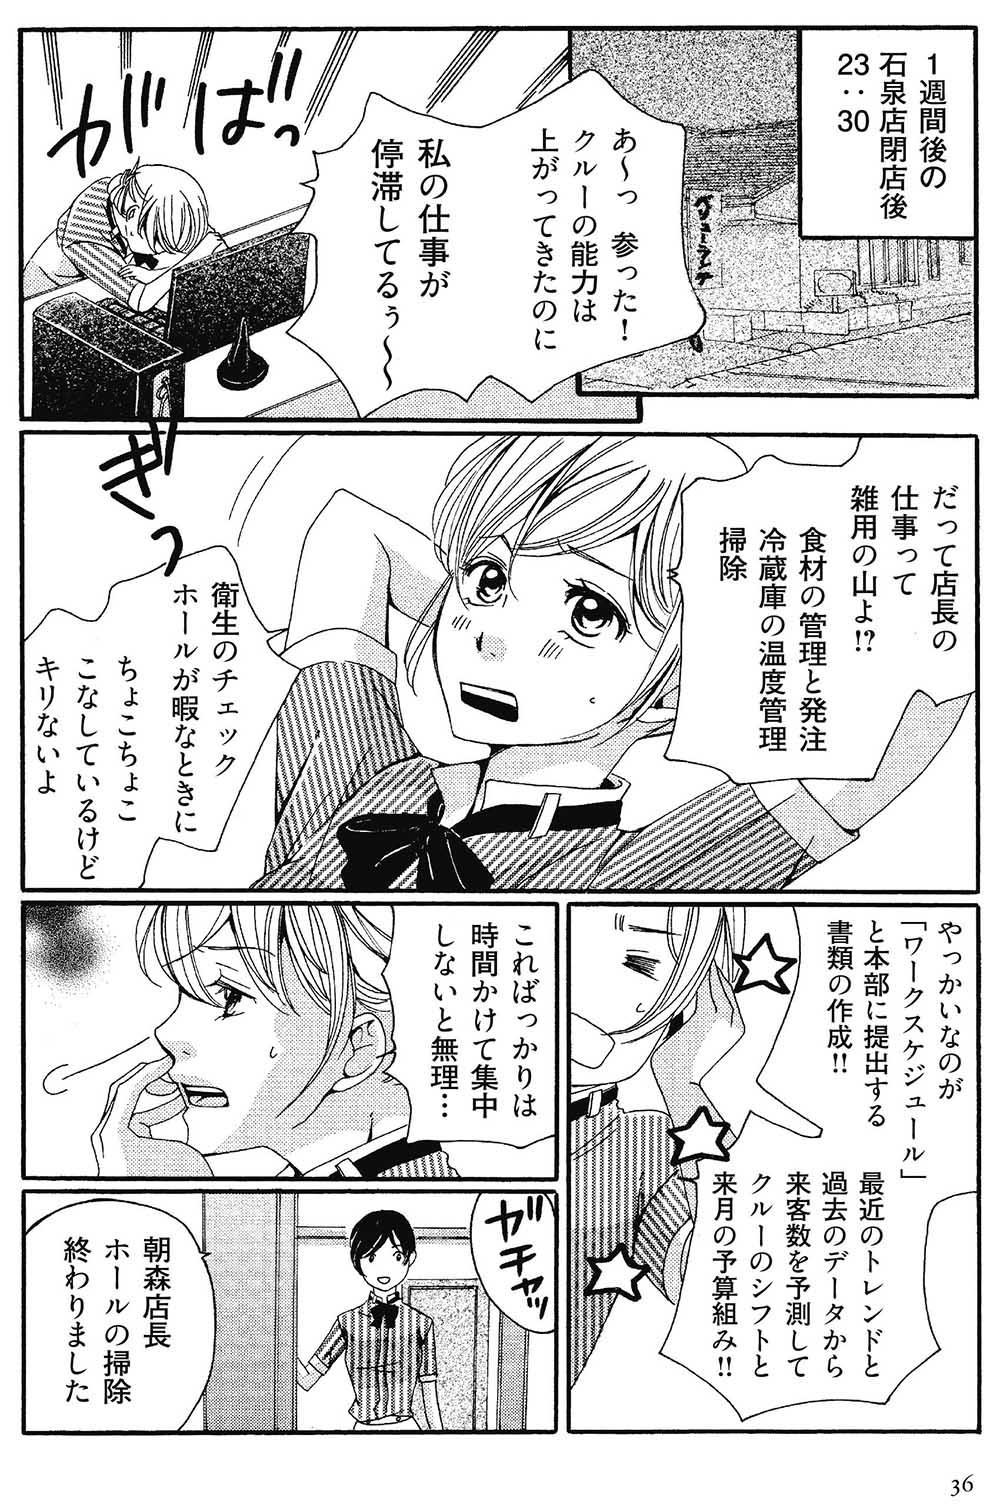 マンガで伝授 デッドライン仕事術001-095.pdf-36.jpg